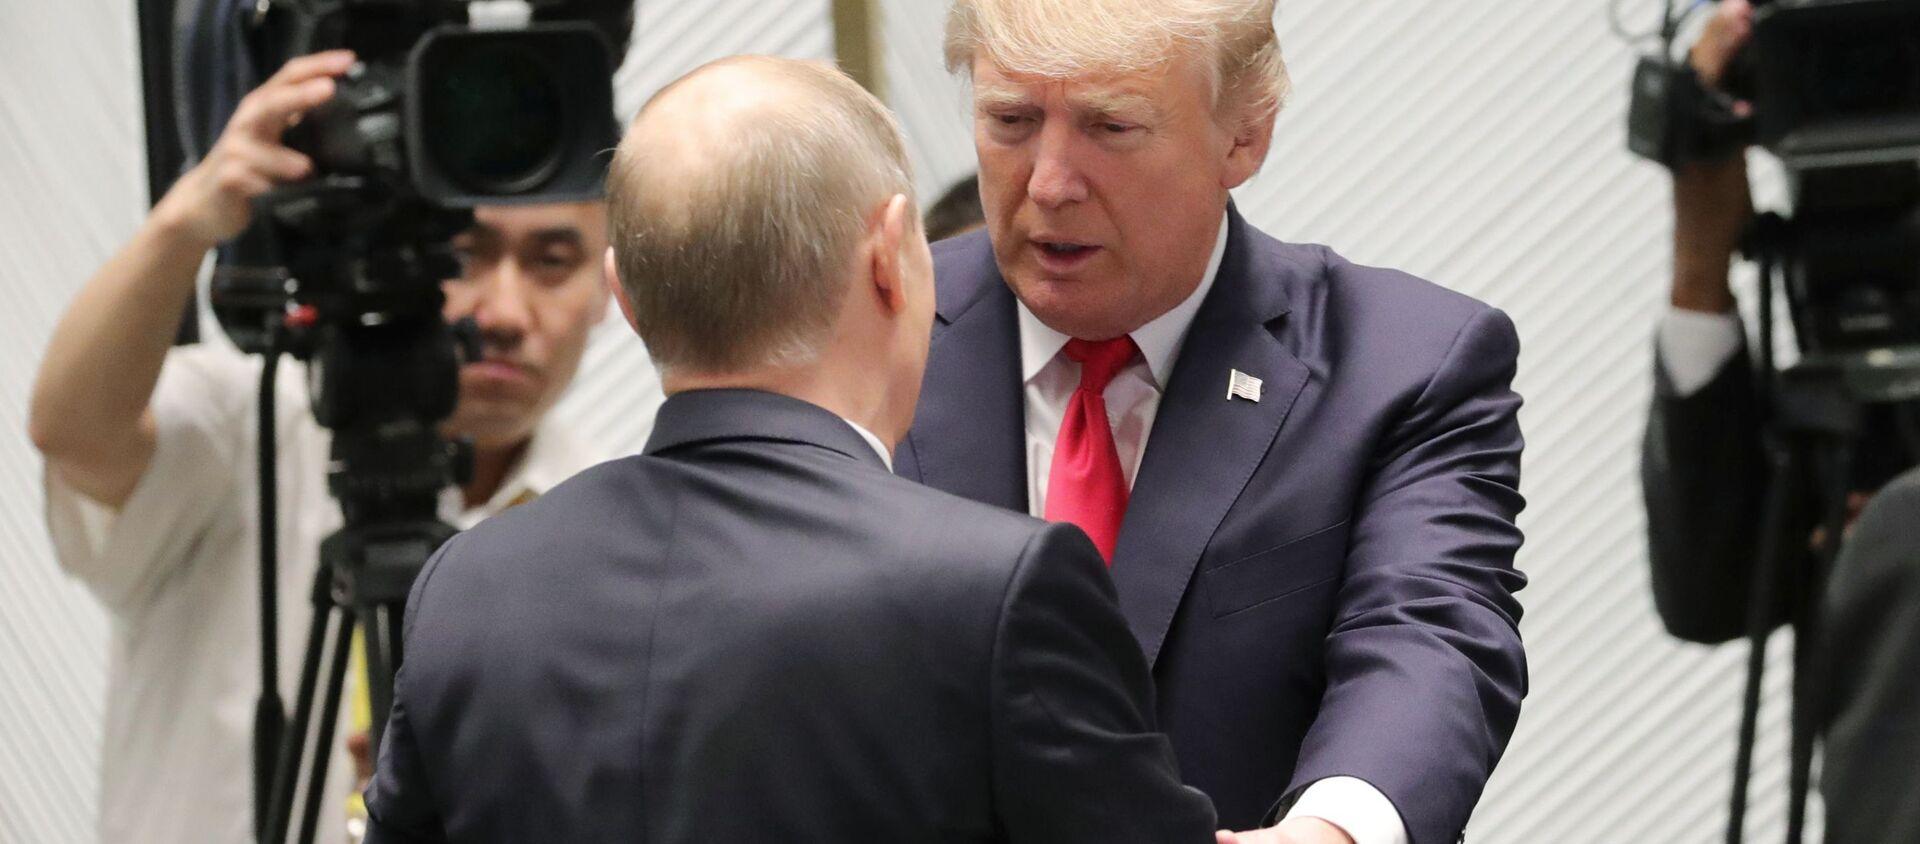 Władimir Putin i Donald Trump na szczycie APEC - Sputnik Polska, 1920, 20.04.2021